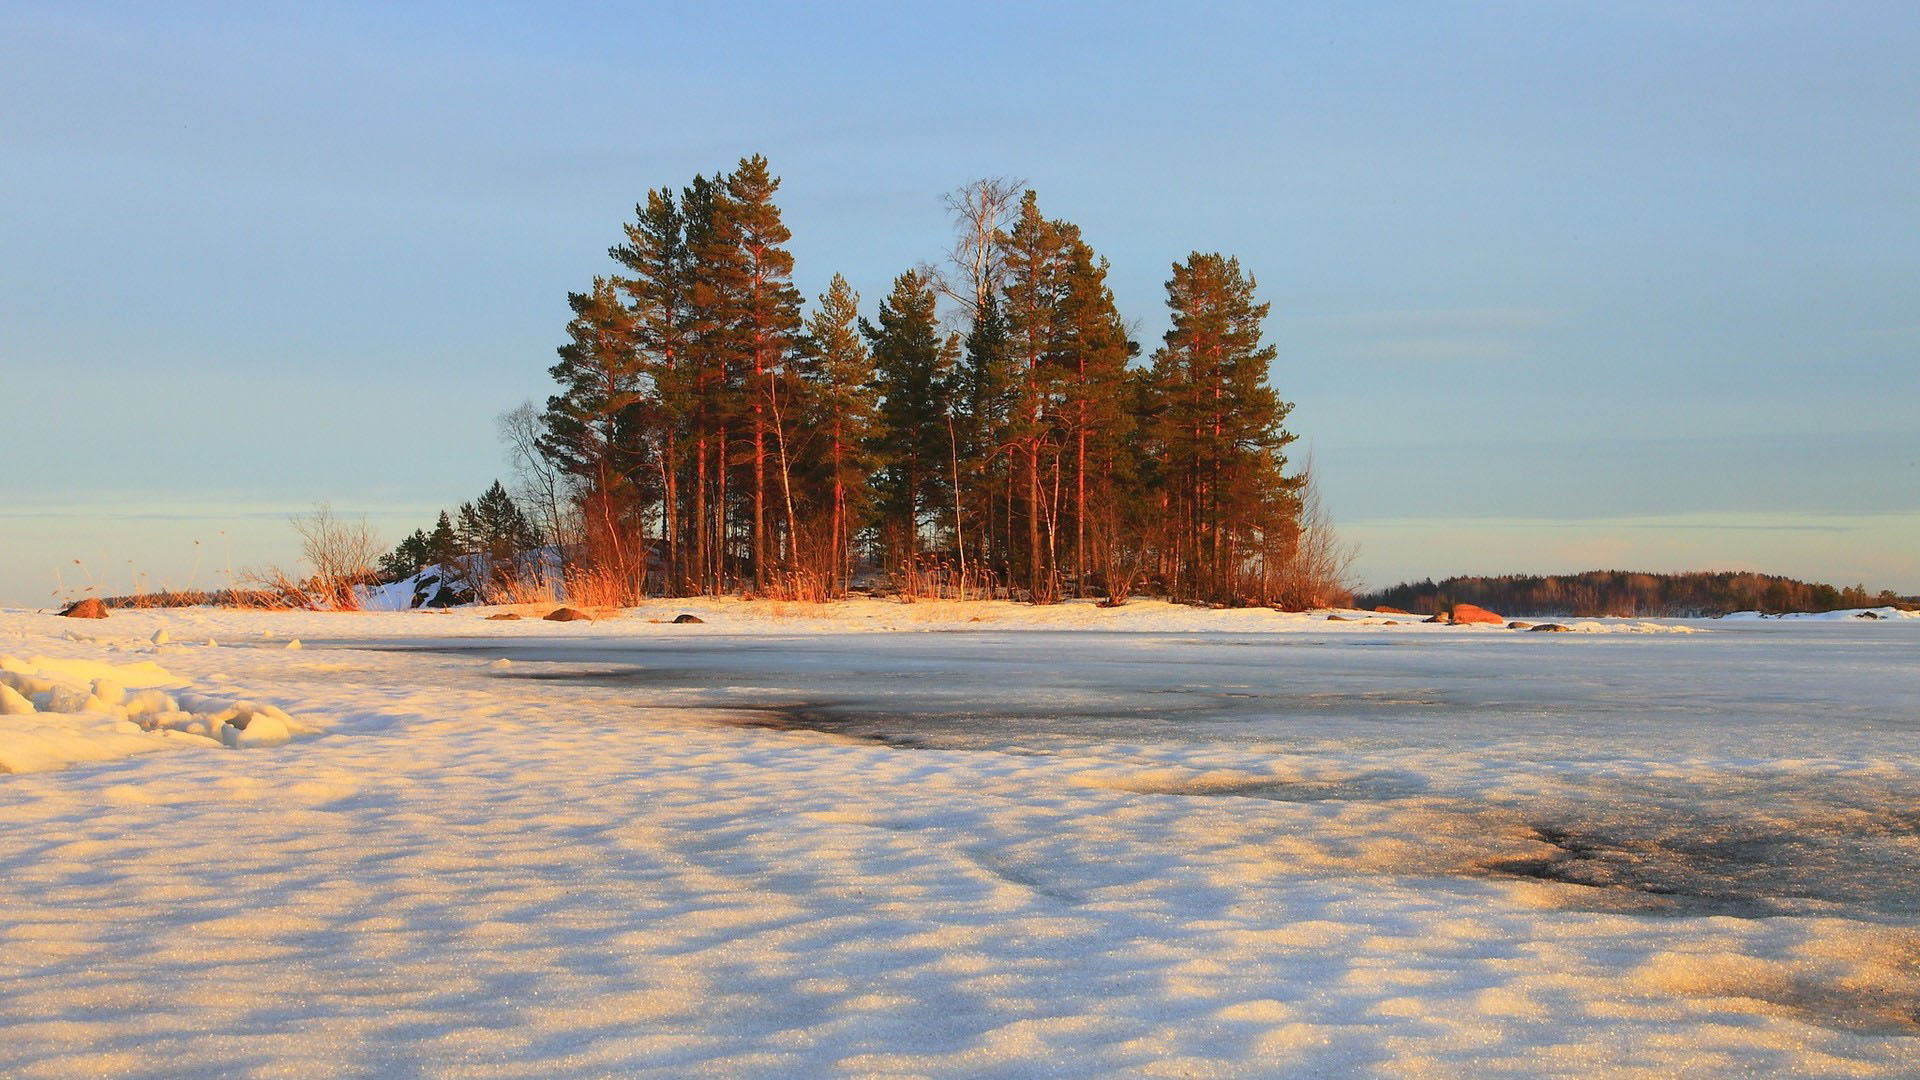 Hình nền mùa đông độc đáo nhất